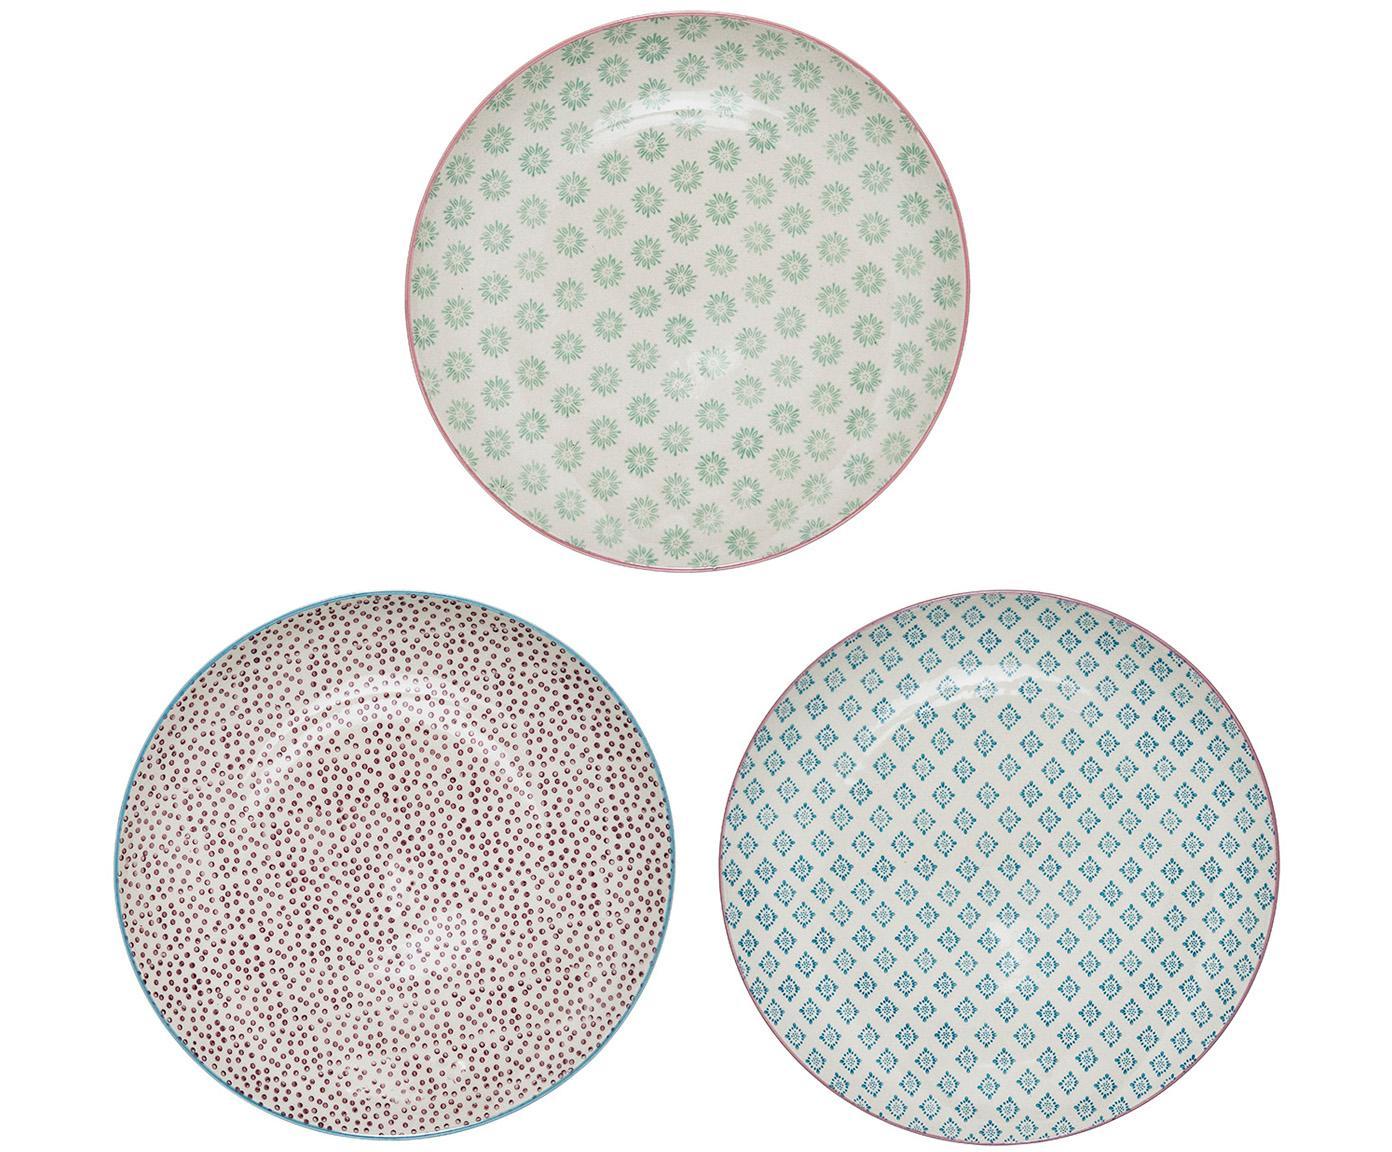 Speiseteller Patrizia mit kleinem Muster, 3er-Set, Steingut, Weiß, Grün, Rot, Blau, Ø 25 cm